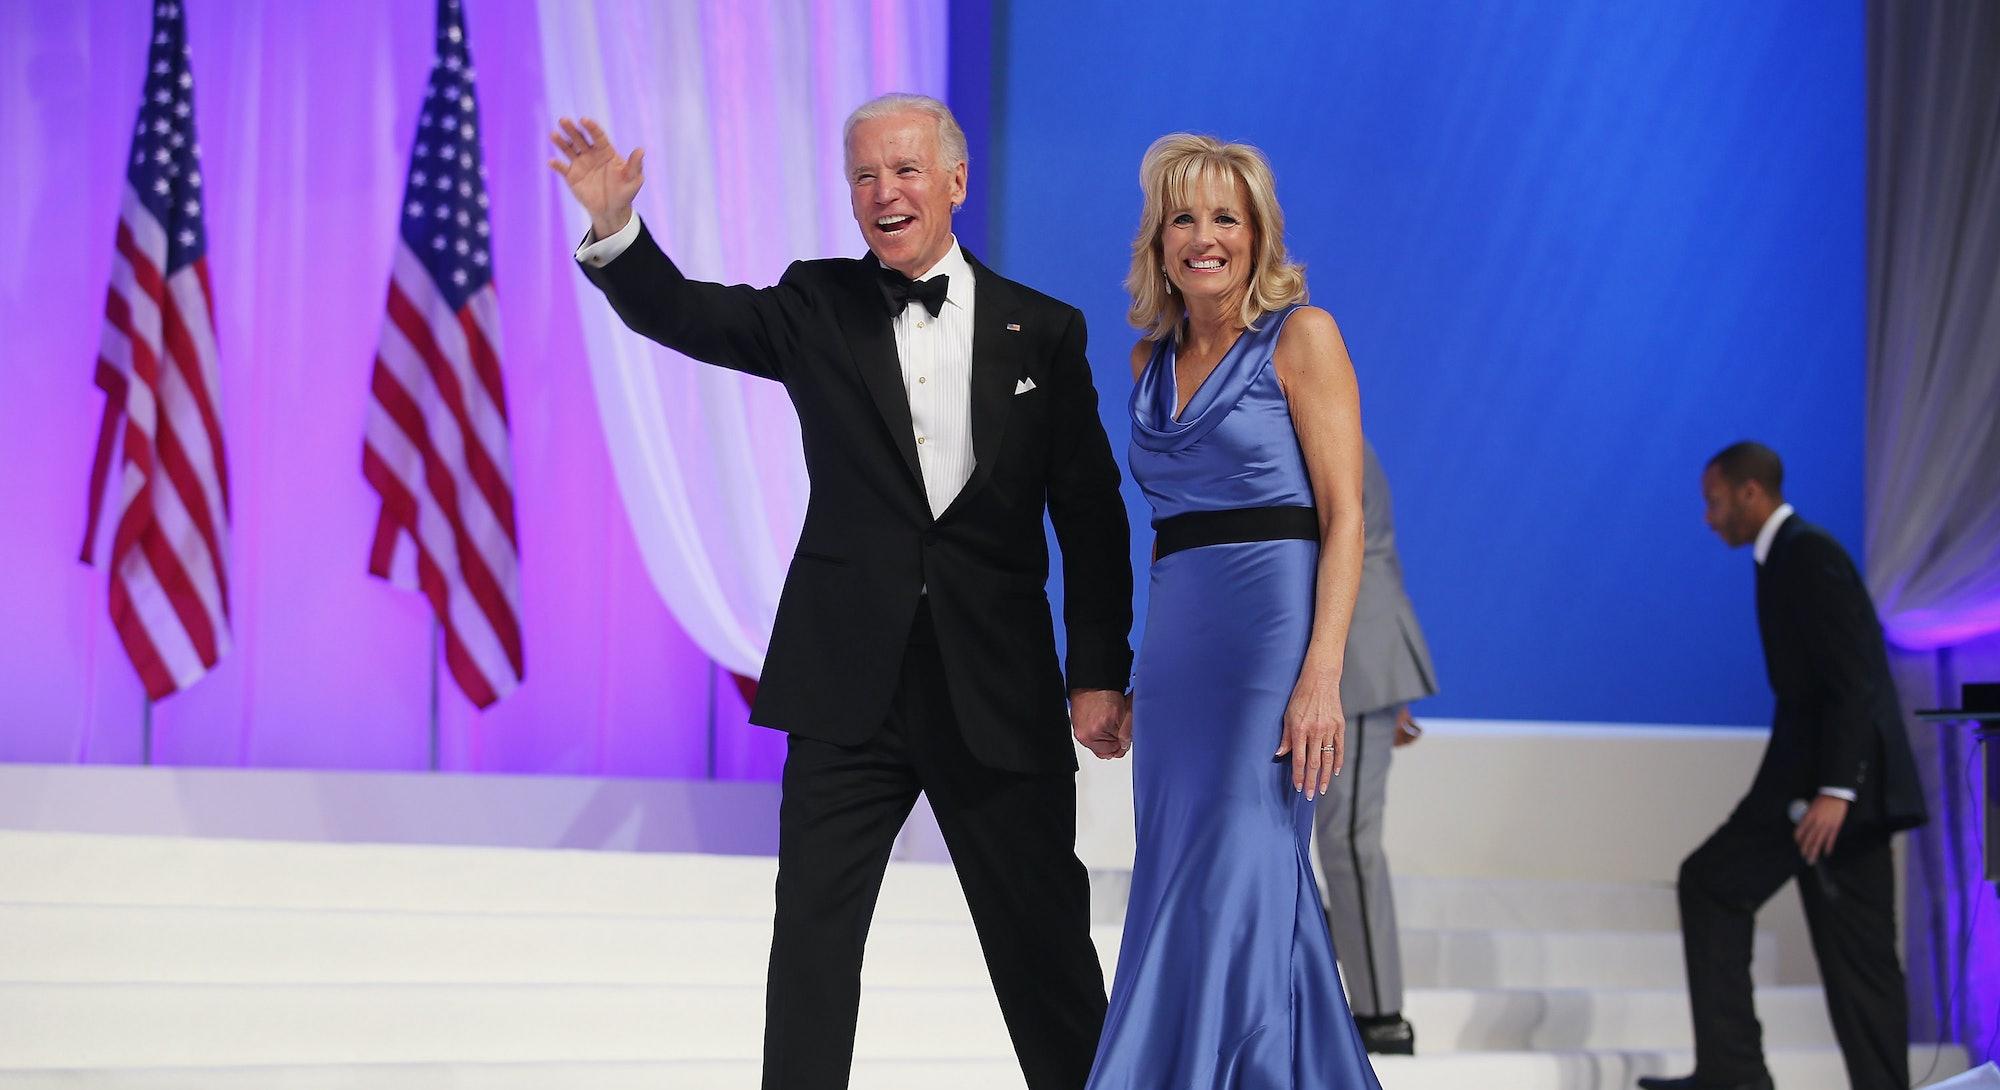 Jill Biden Best Dressed